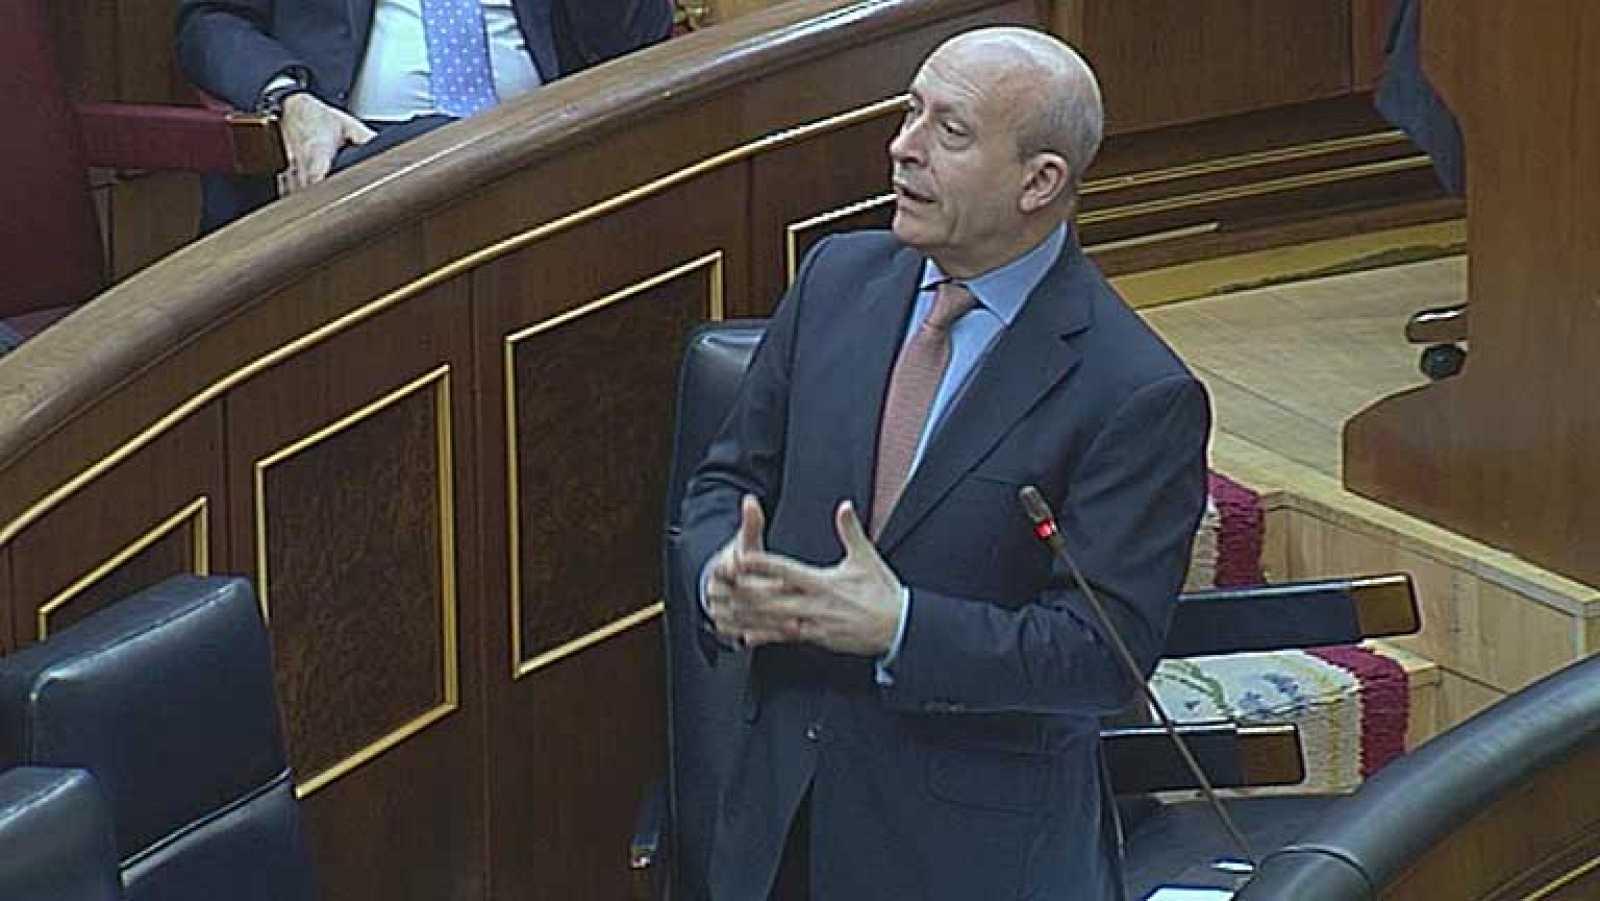 Wert defiende su reforma educativa frente al rechazo de la oposición